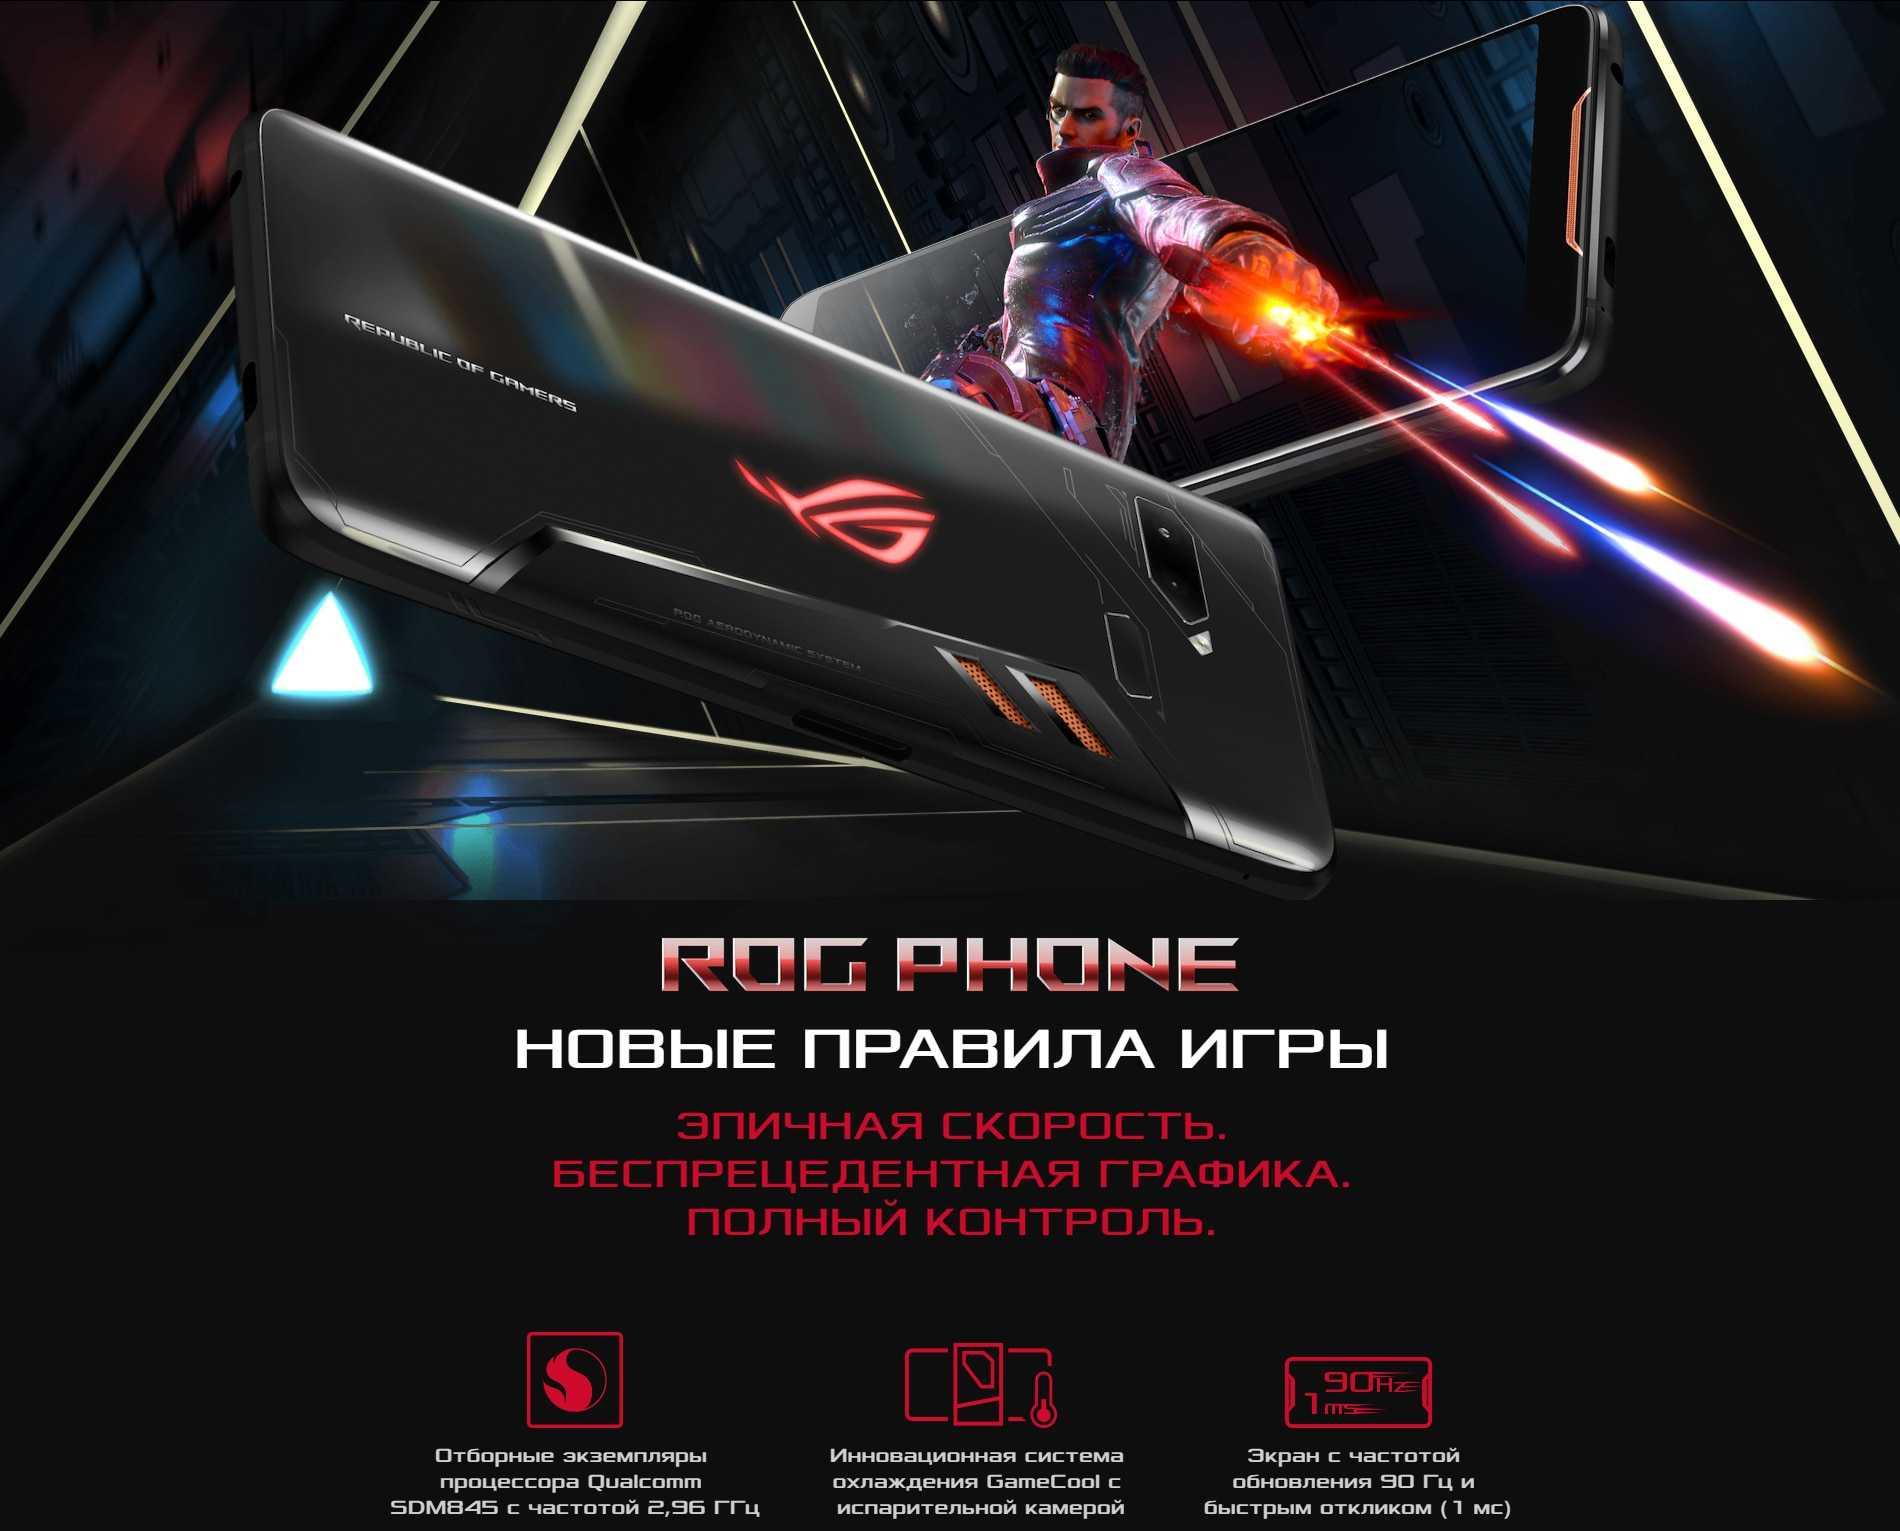 Обзор asus rog phone 3 — характеристики, отличия от предыдущего поколения и цены